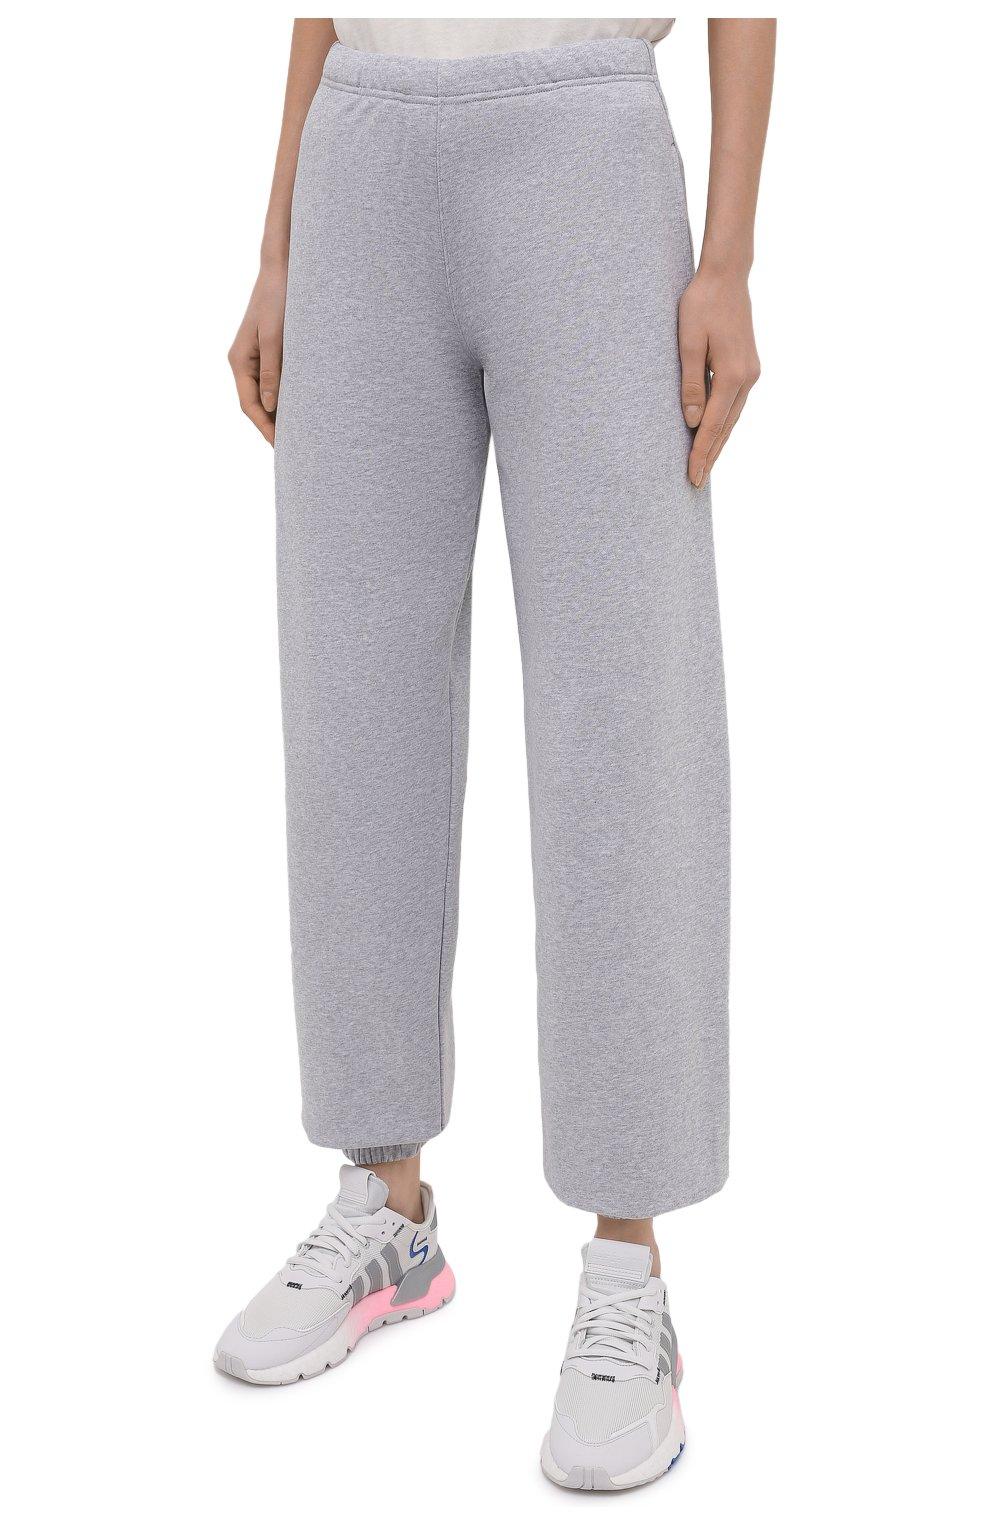 Женские хлопковые джоггеры HERON PRESTON FOR CALVIN KLEIN серого цвета, арт. K20K203537   Фото 3 (Женское Кросс-КТ: Брюки-спорт, Джоггеры - брюки; Длина (брюки, джинсы): Стандартные; Материал внешний: Хлопок; Стили: Спорт-шик)